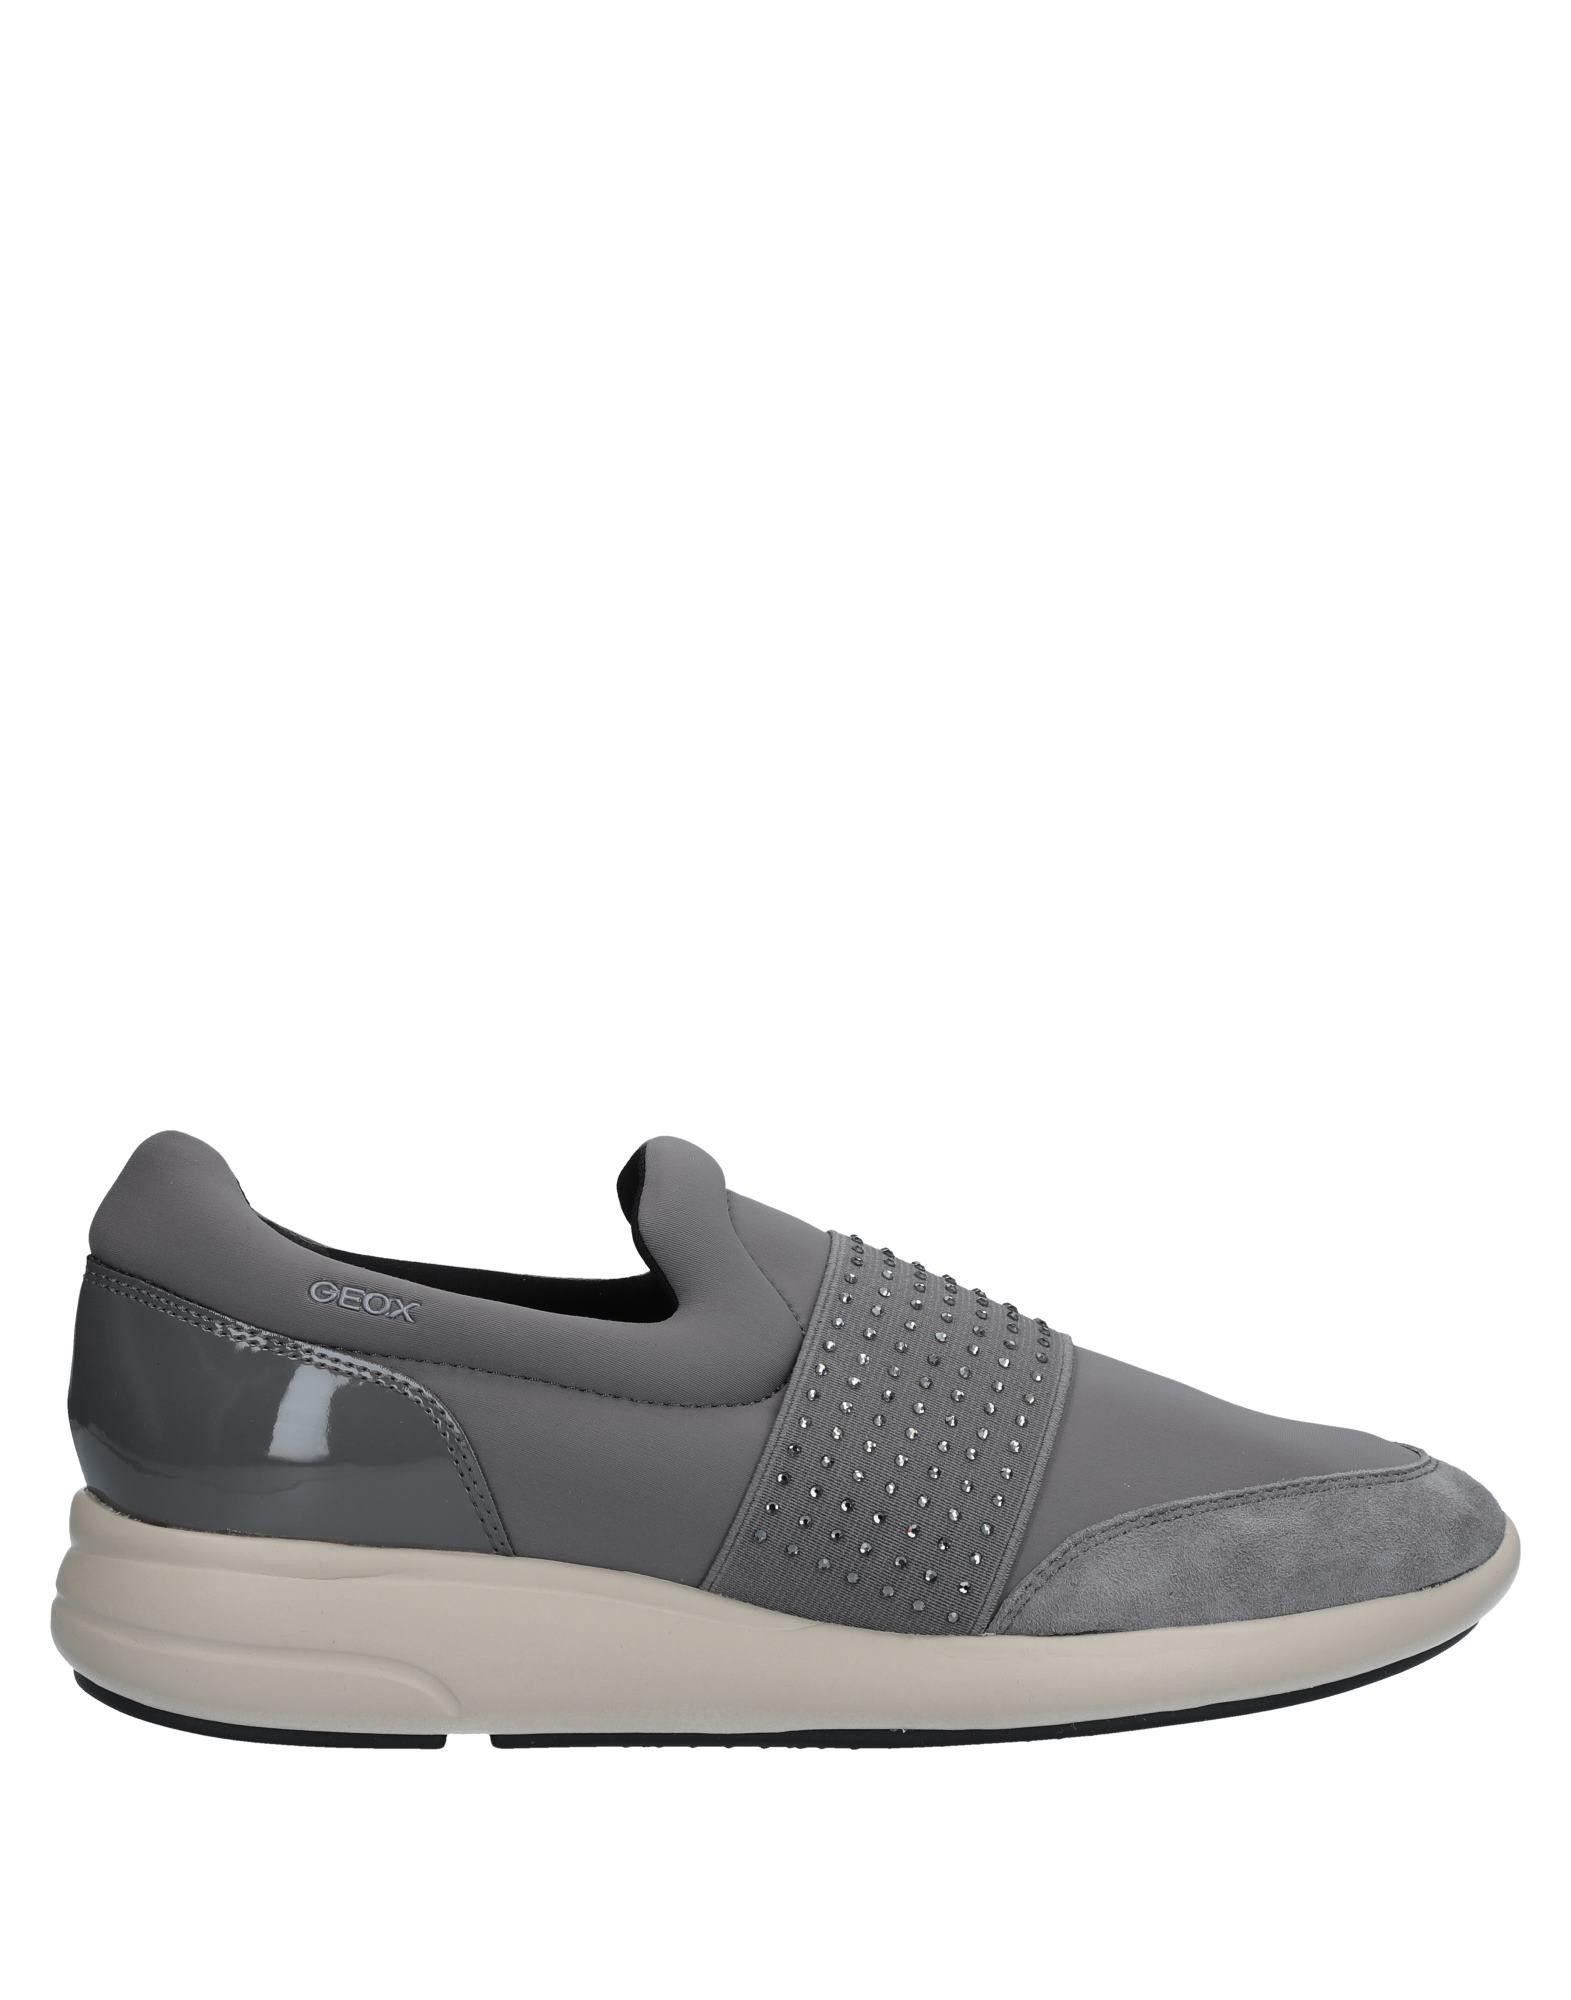 Sneakers Geox Donna - 11541055FH Scarpe economiche e buone